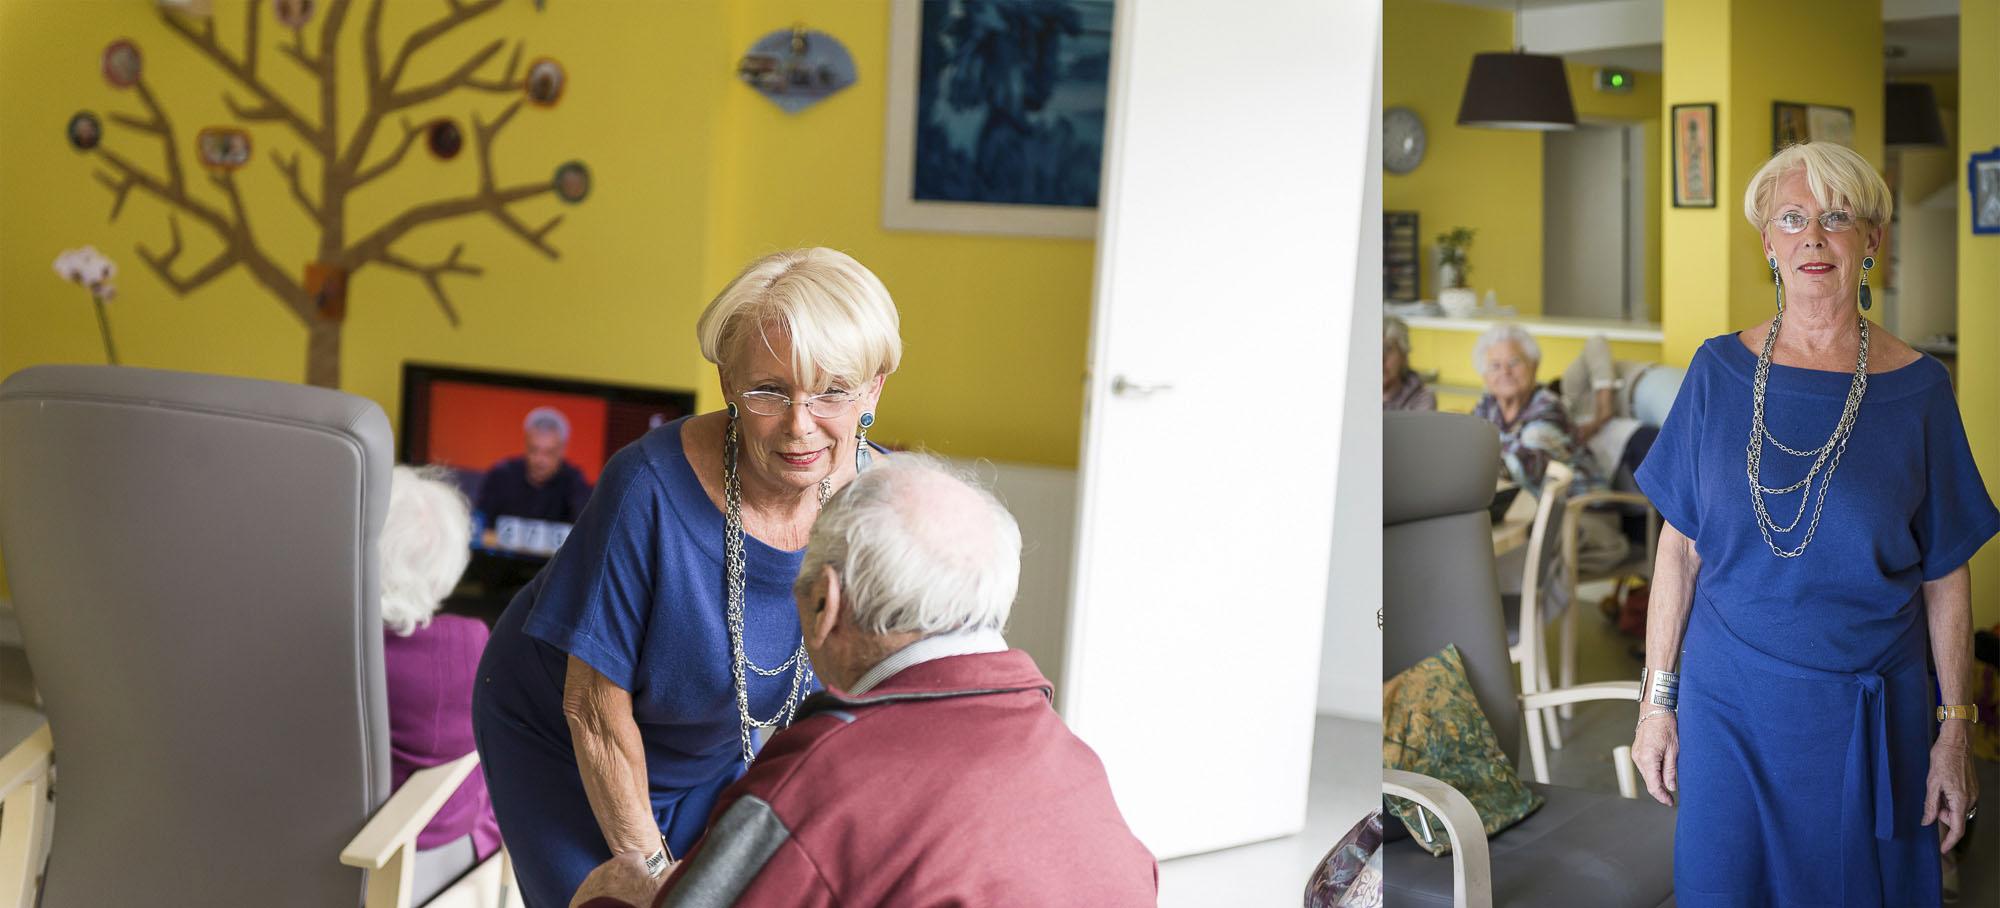 reportage photo, auxiliaire de vie dans un domicile partagé